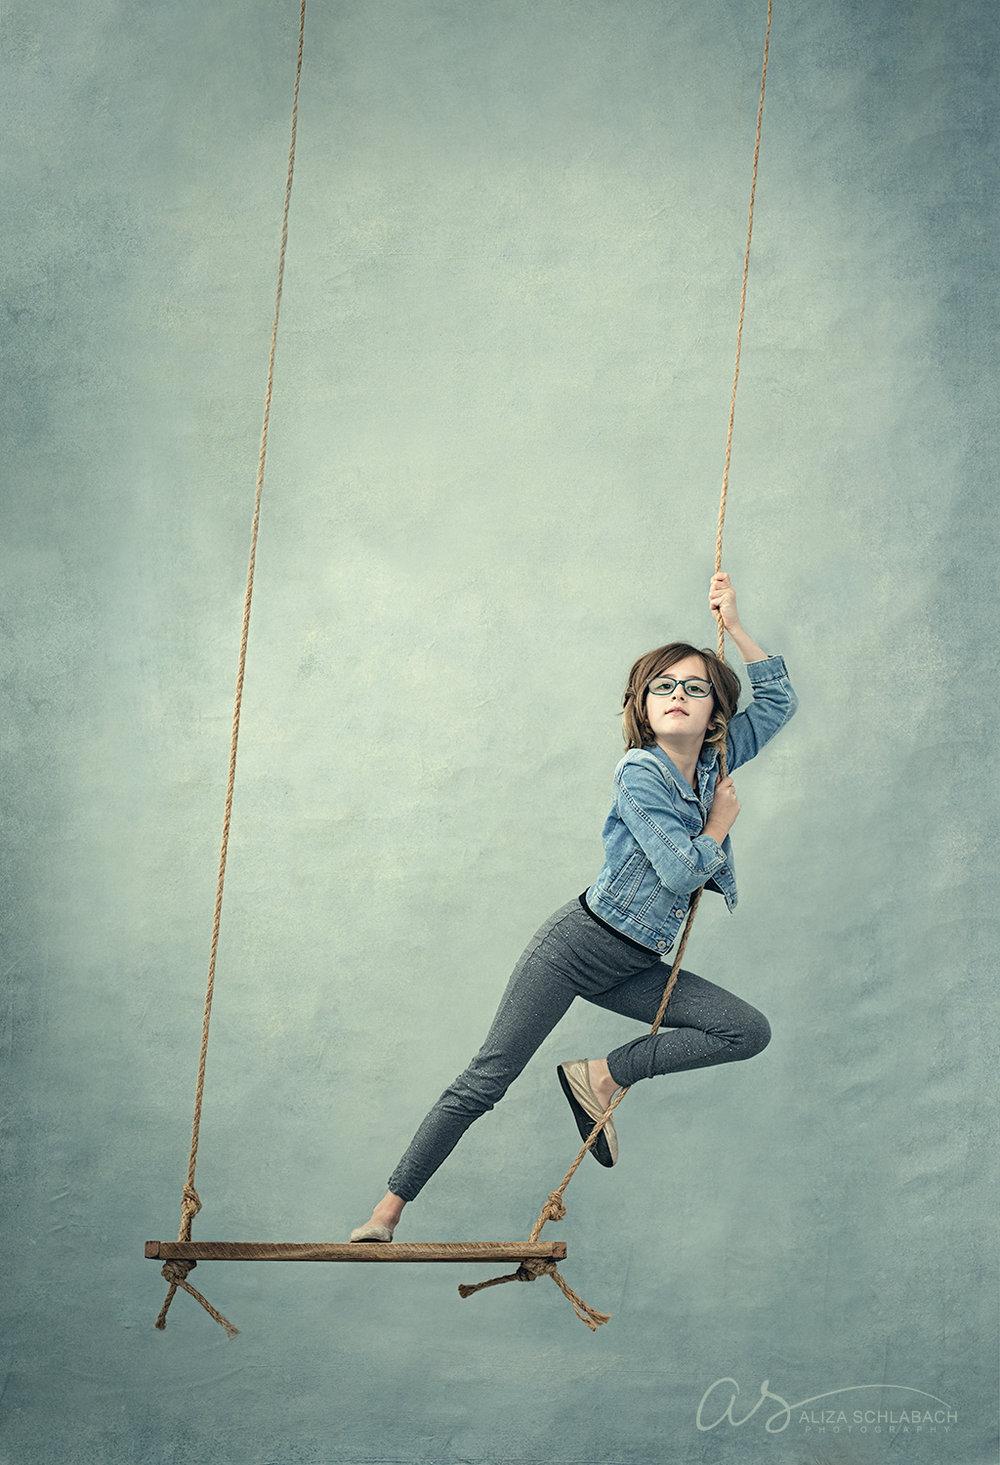 Fine art studio portrait of a girl standing on a wooden swing